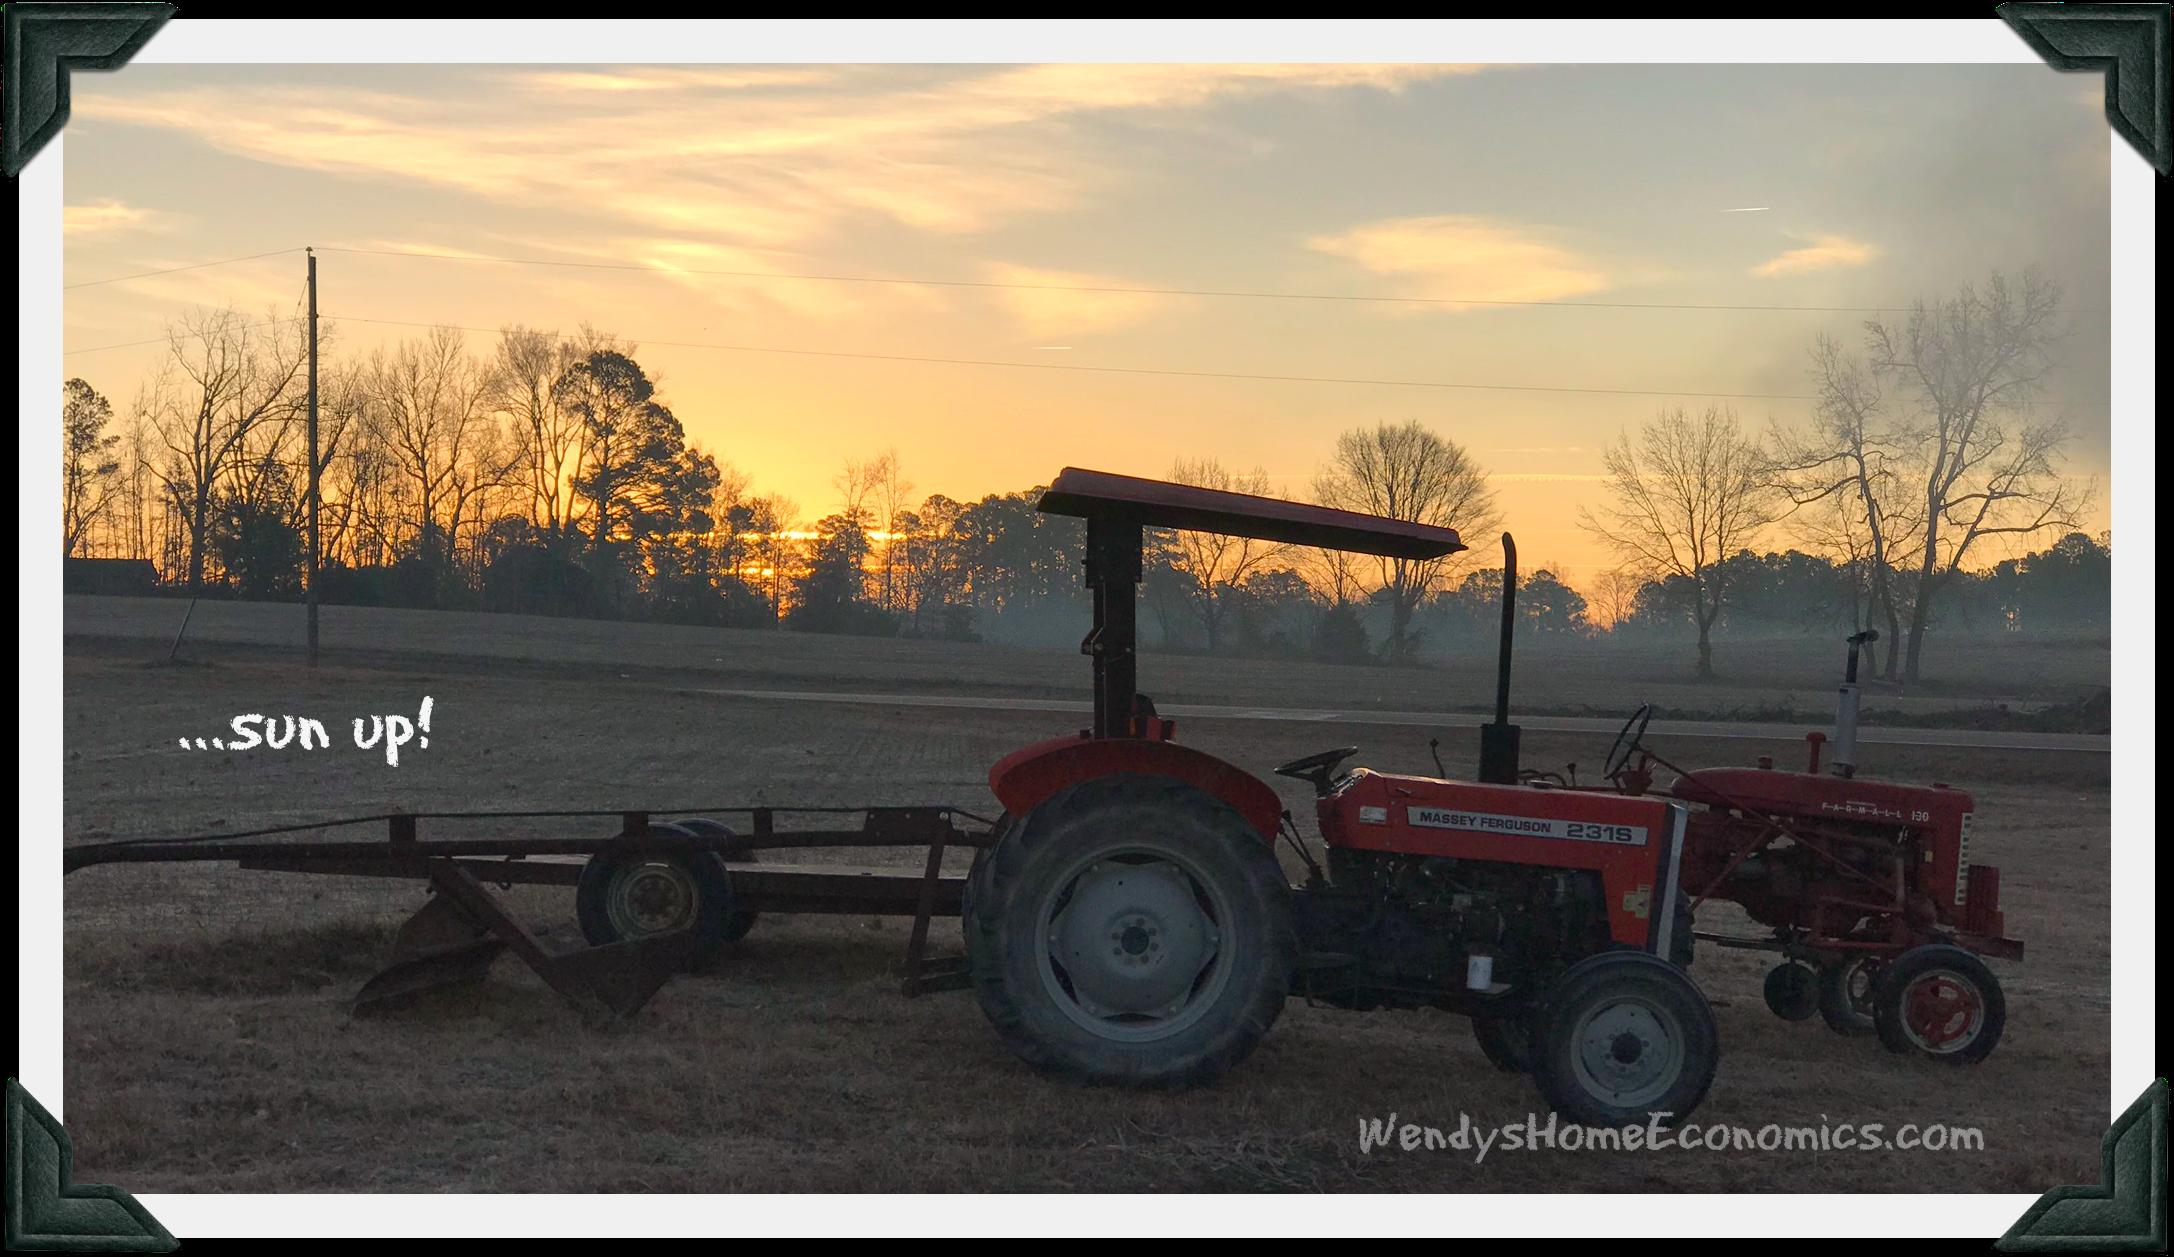 Sun up on Jackson Farm